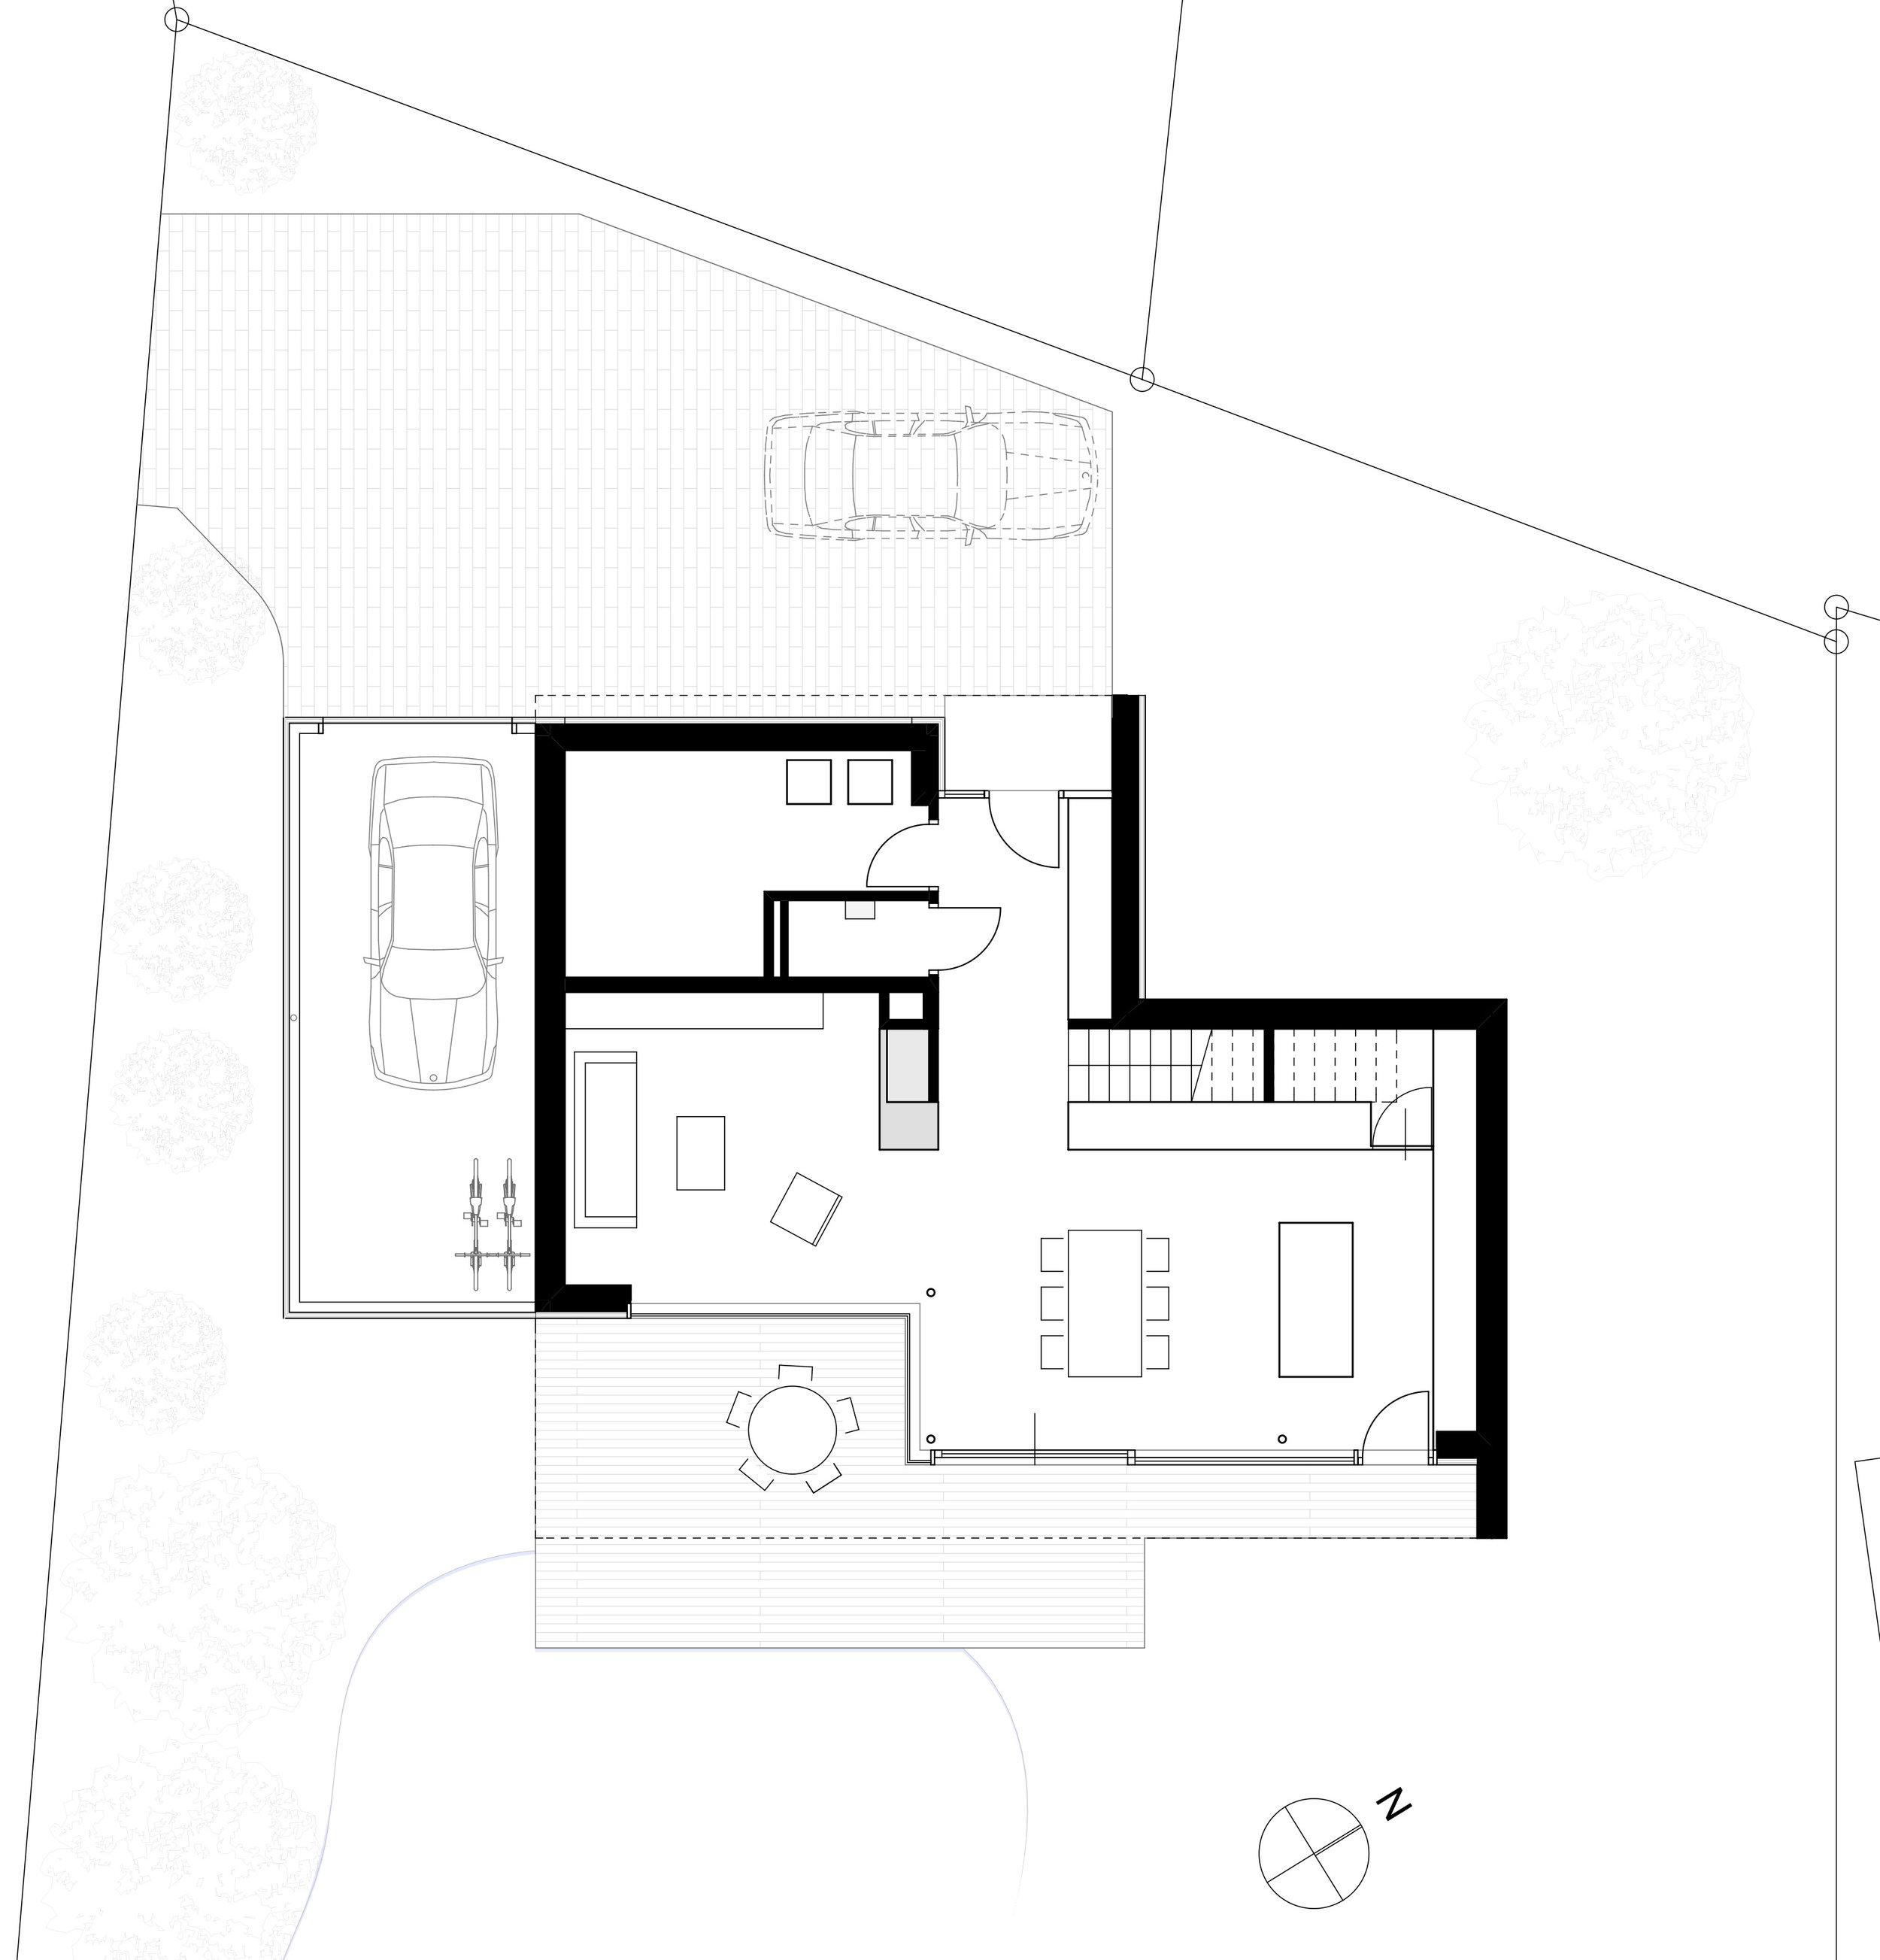 02 Erdgeschoss1.jpg